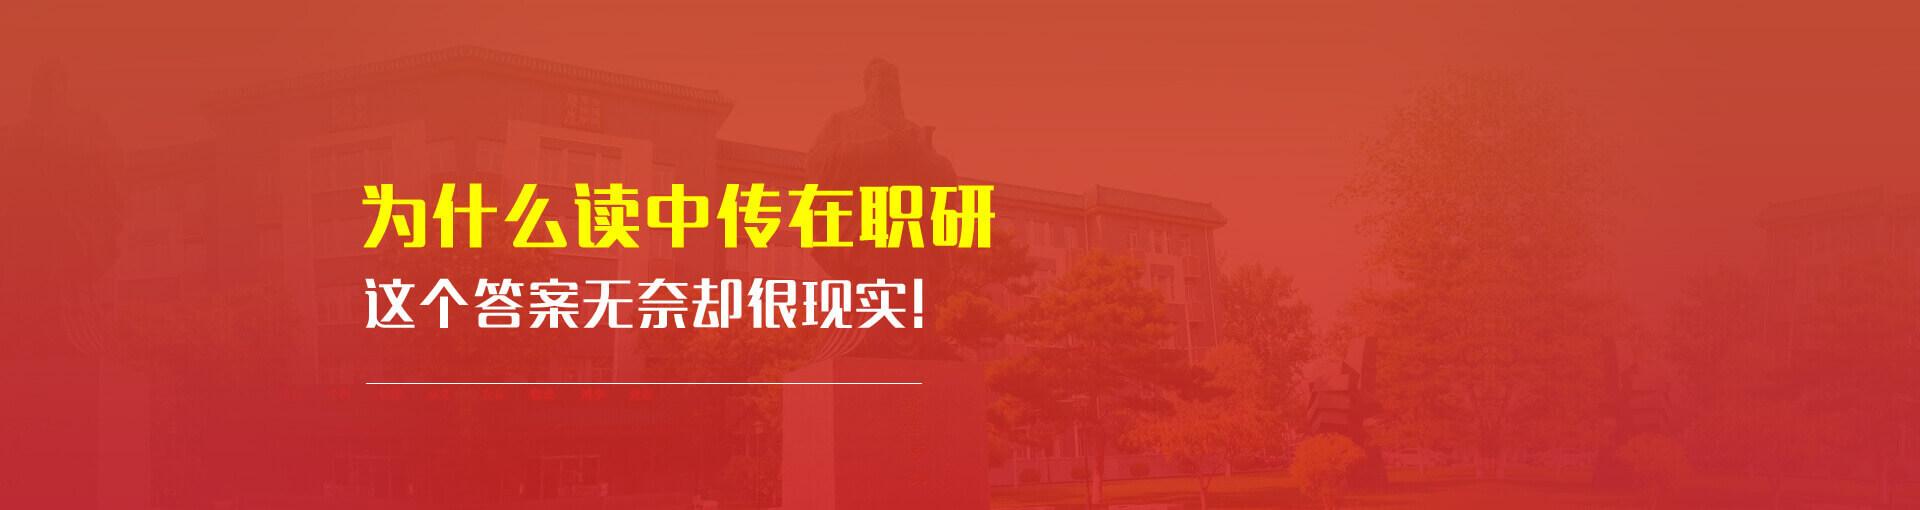 中国传媒大学在职研究生优势让你变的更优秀,一起来看!